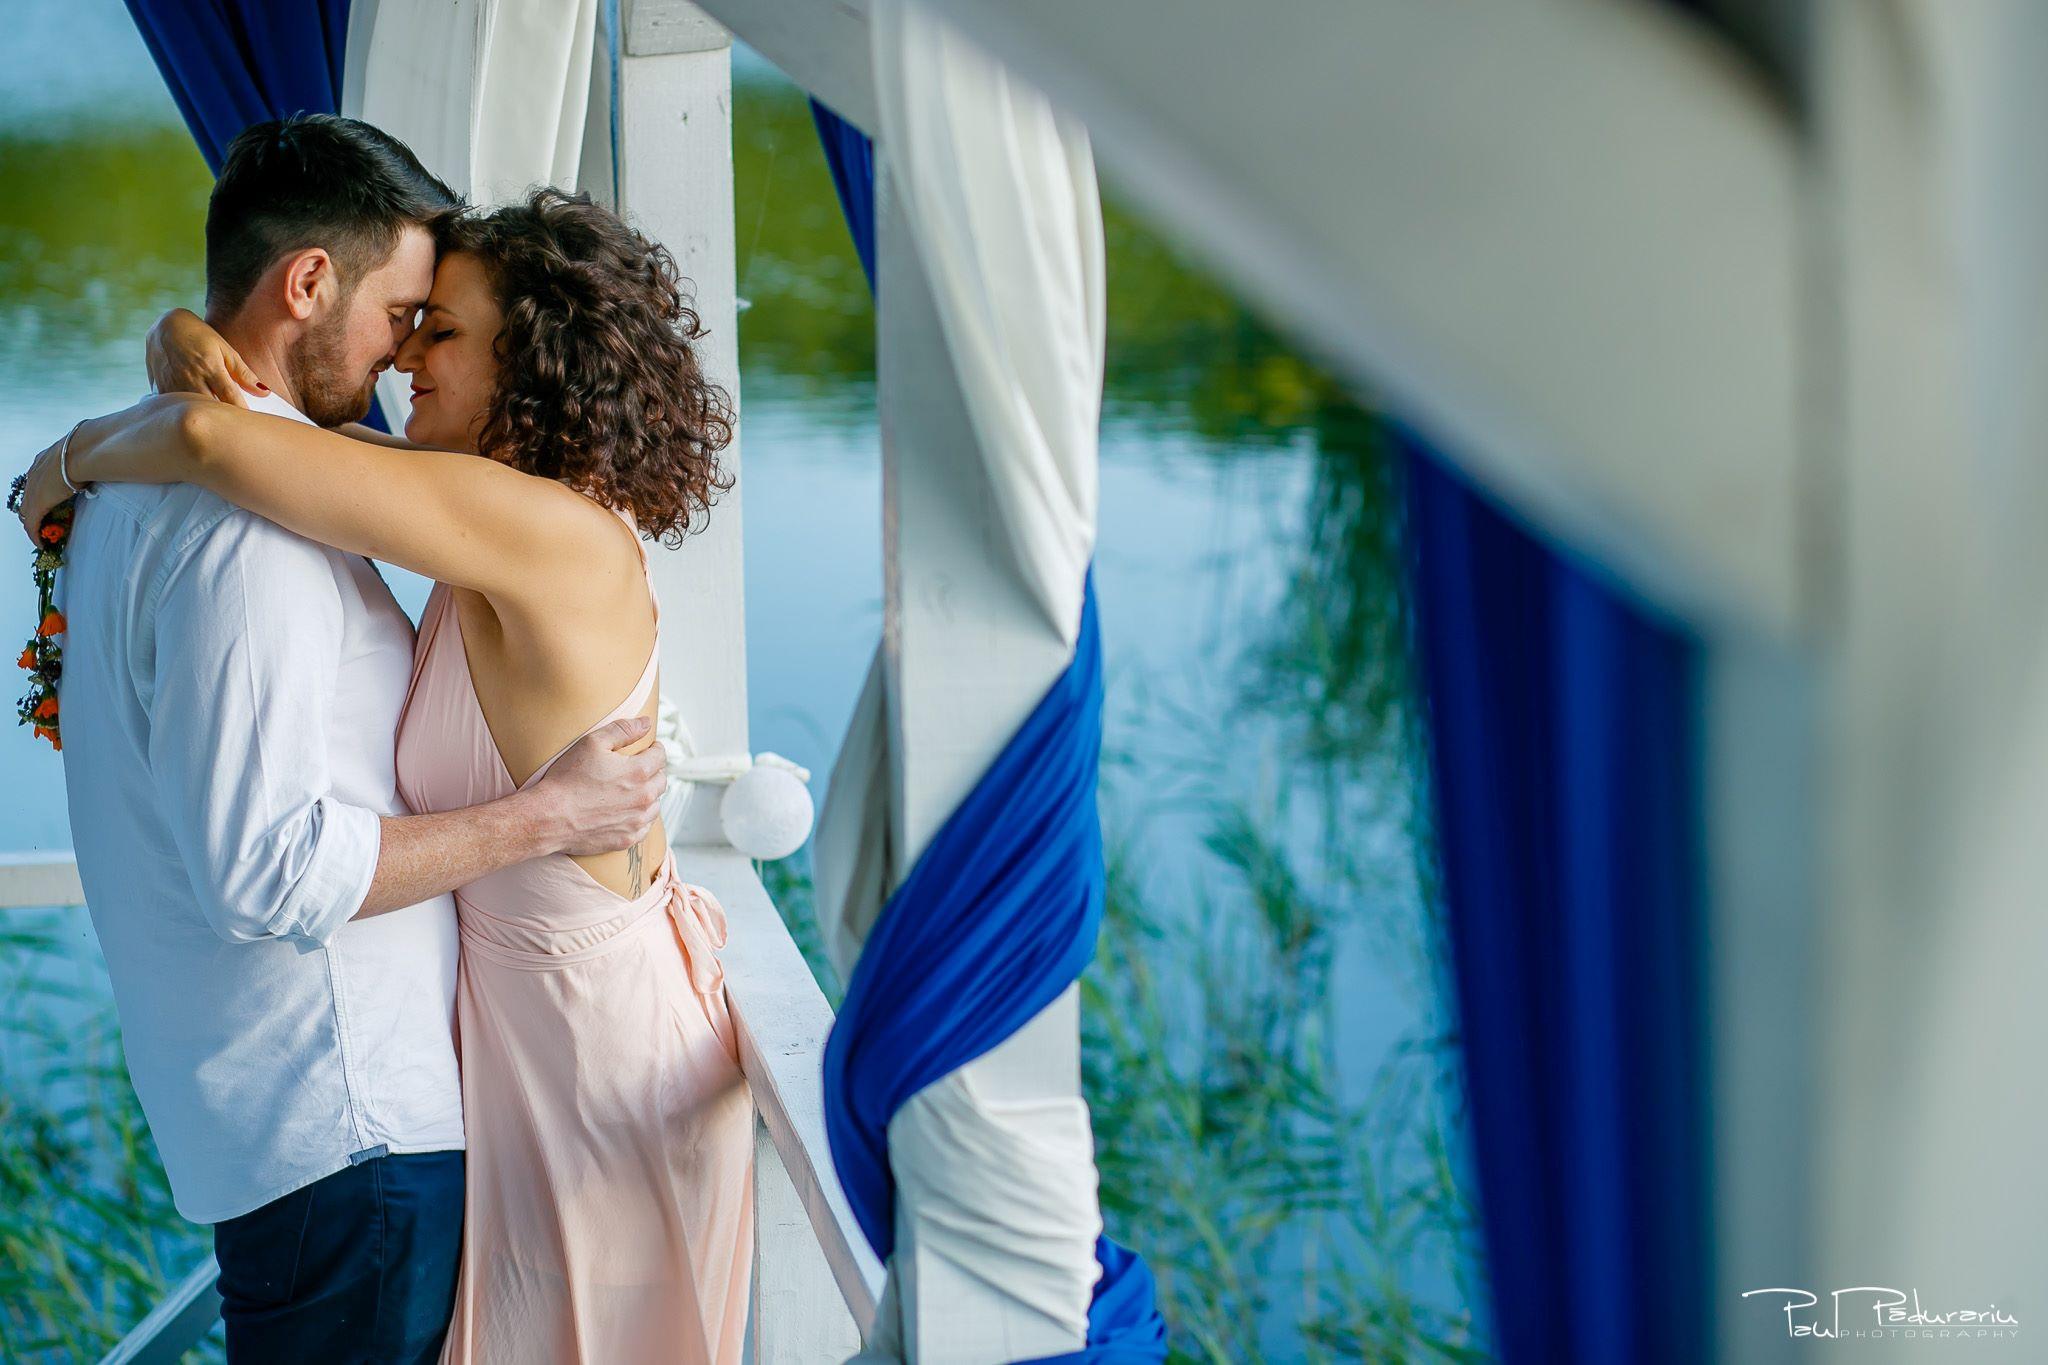 Mircea si Adina - shooting outdoor fotografie logodna | paul padurariu fotograf iasi 2019 9